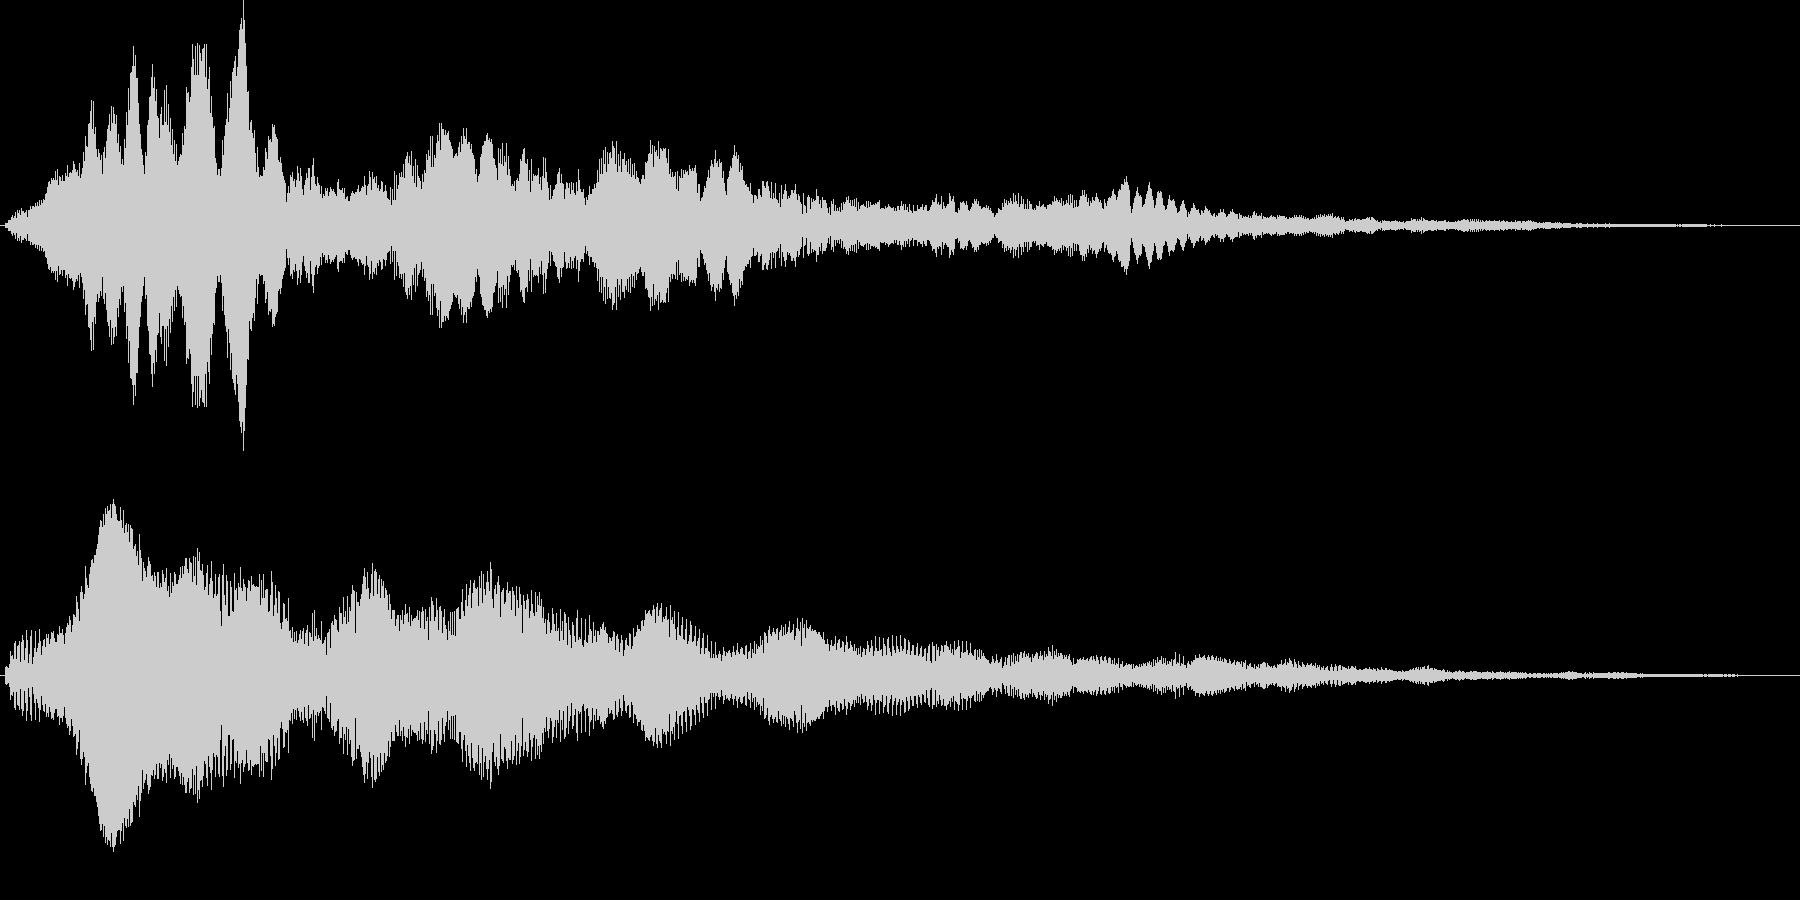 キラリラーン キラキラ系サウンドロゴの未再生の波形